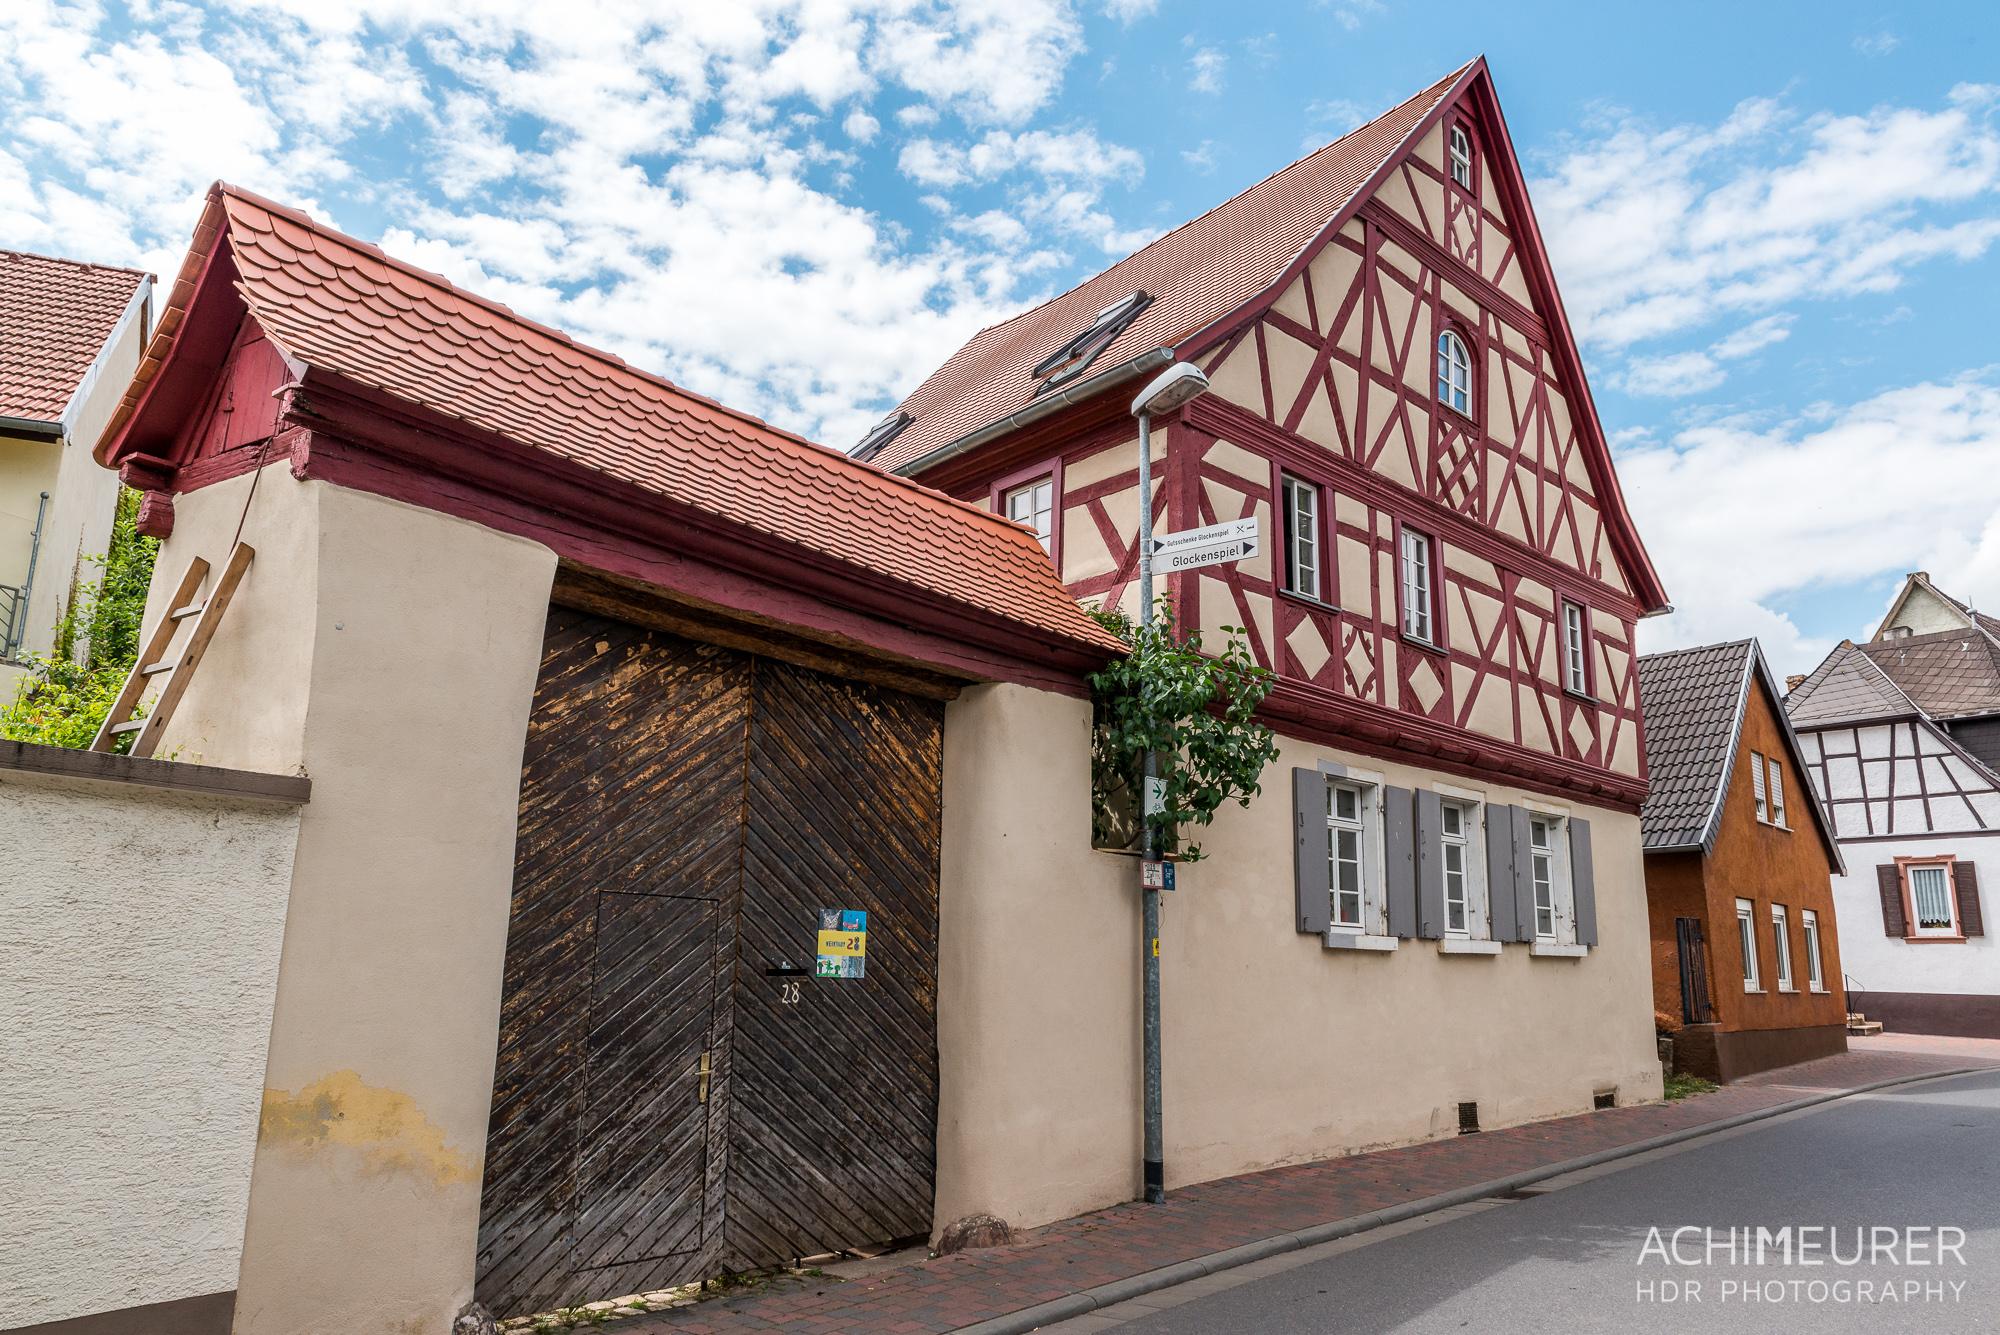 Rheinhessen-Rheinland-Pfalz_6076